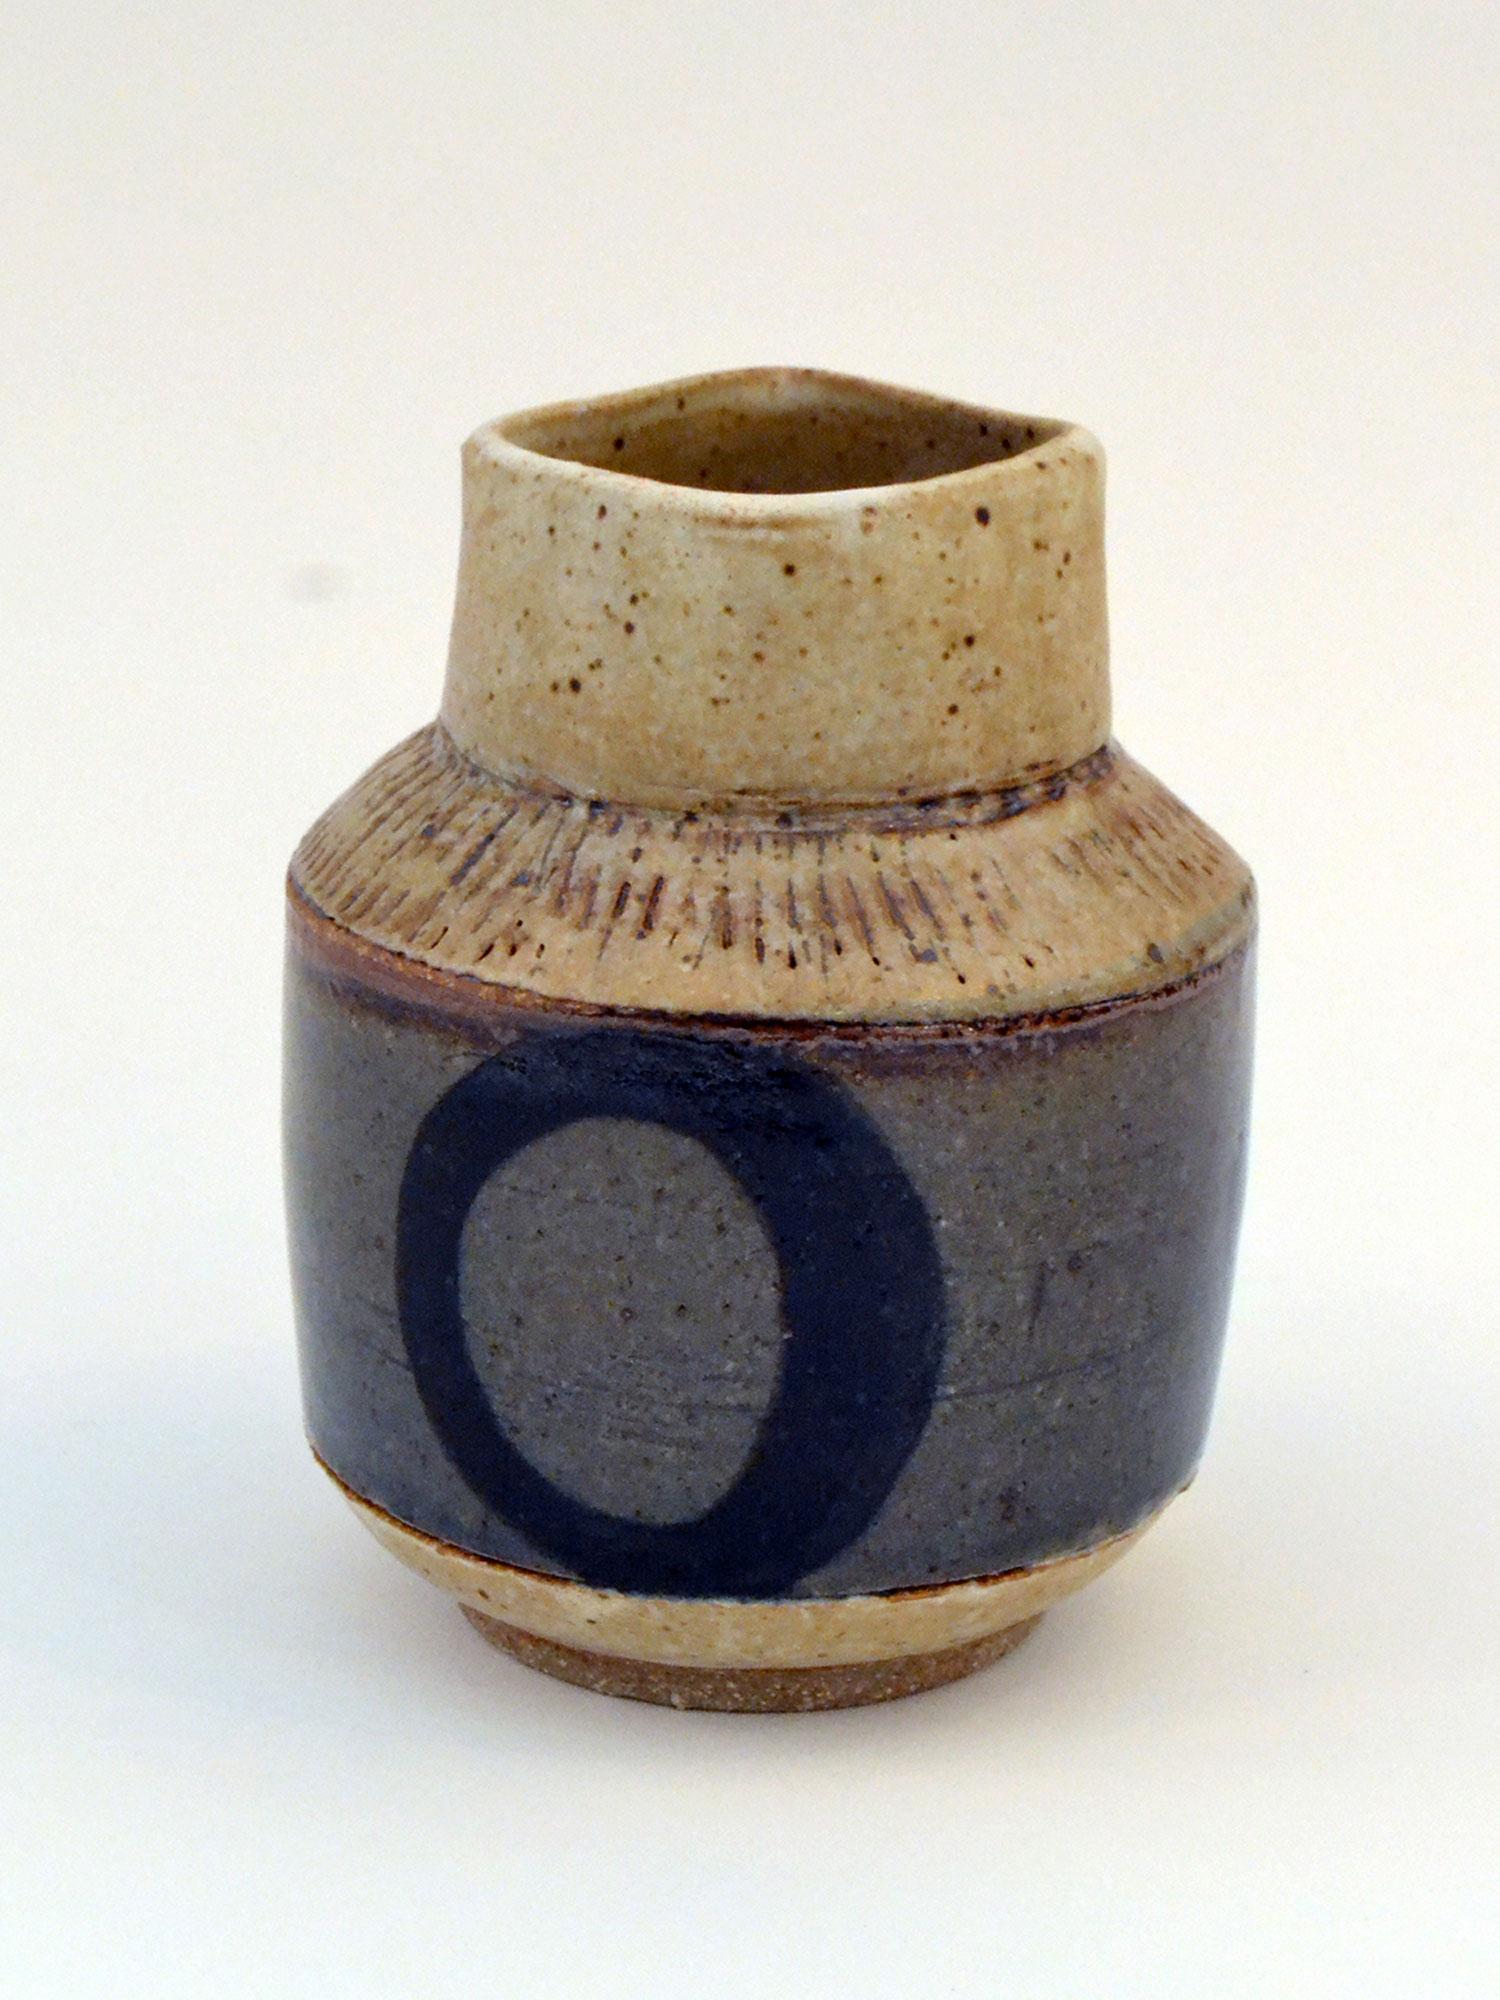 Capsule Vase